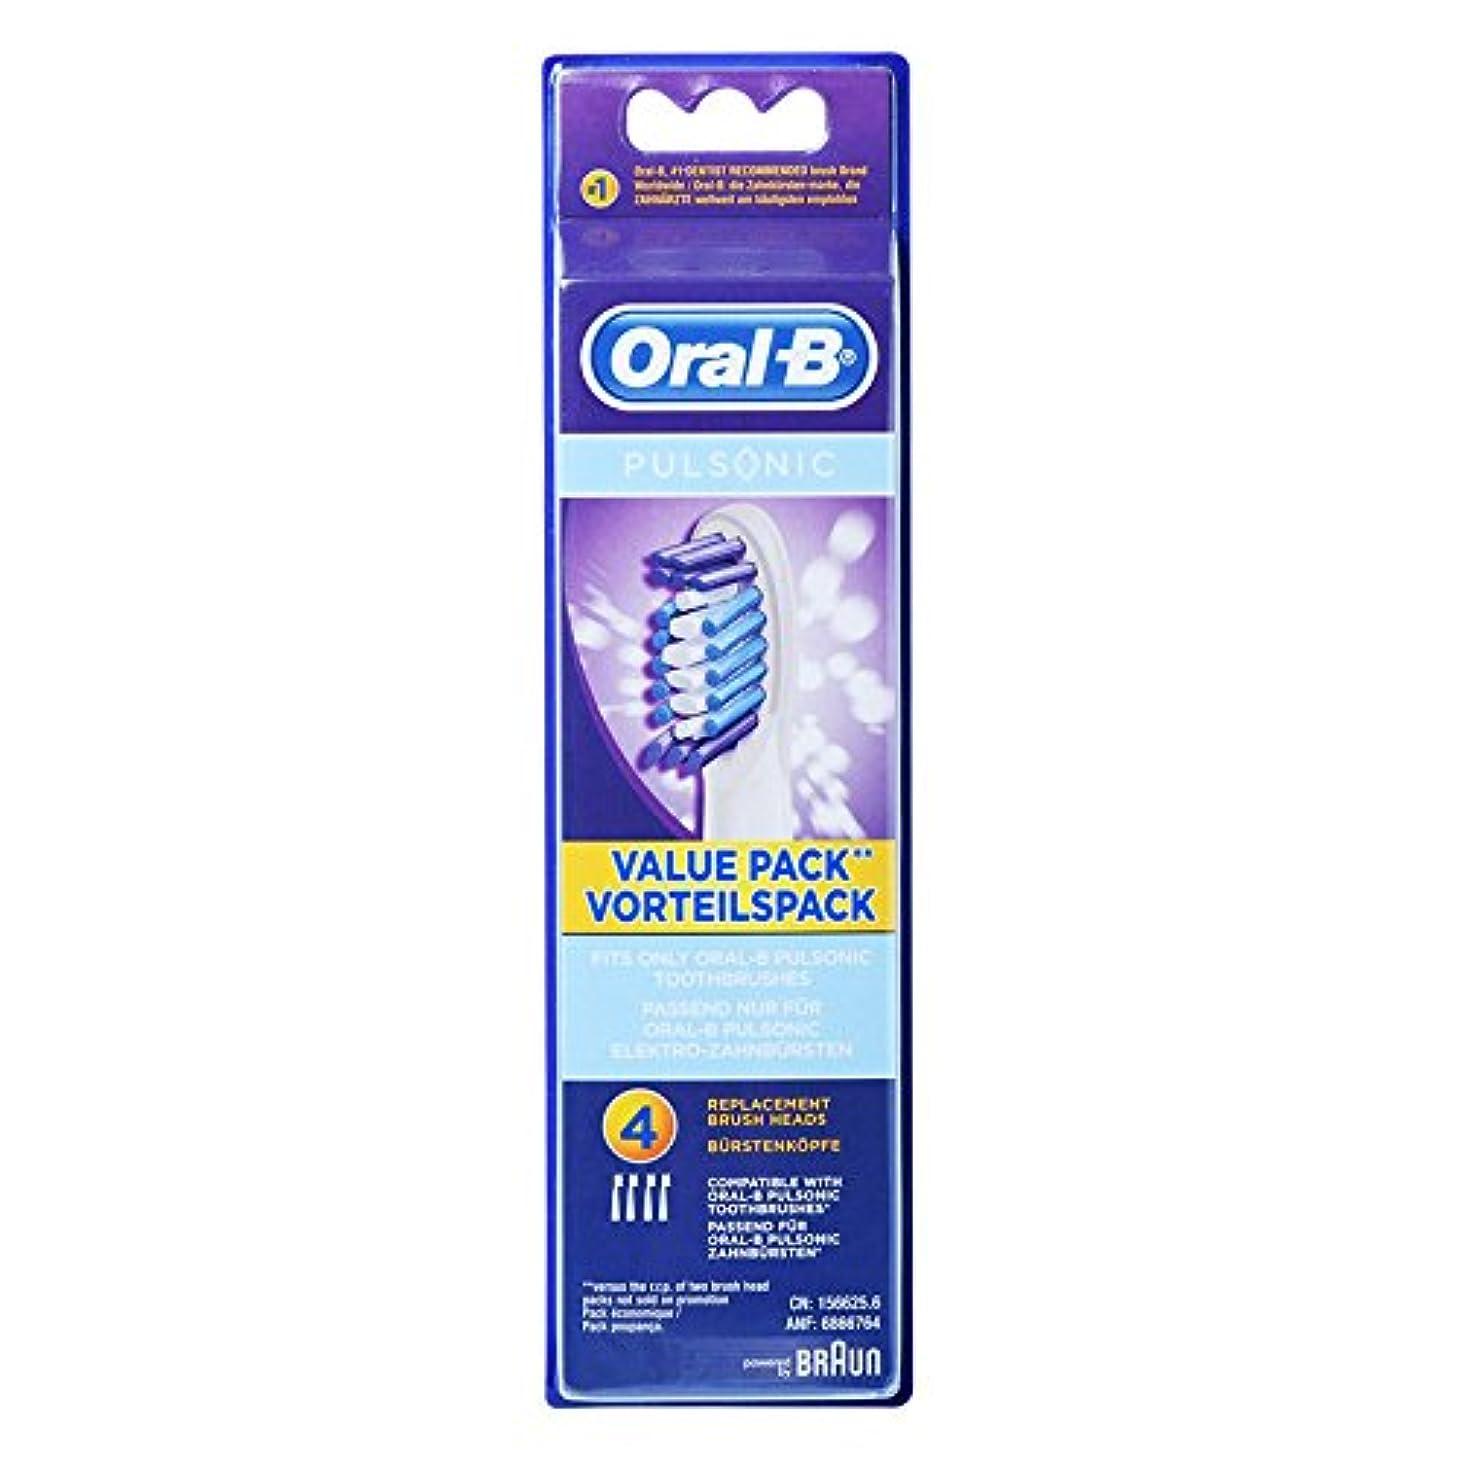 ヘルパーマントバスタブBraun Oral-B SR32-4 Pulsonic Value Pack 交換用ブラシヘッド 1Pack [並行輸入品]